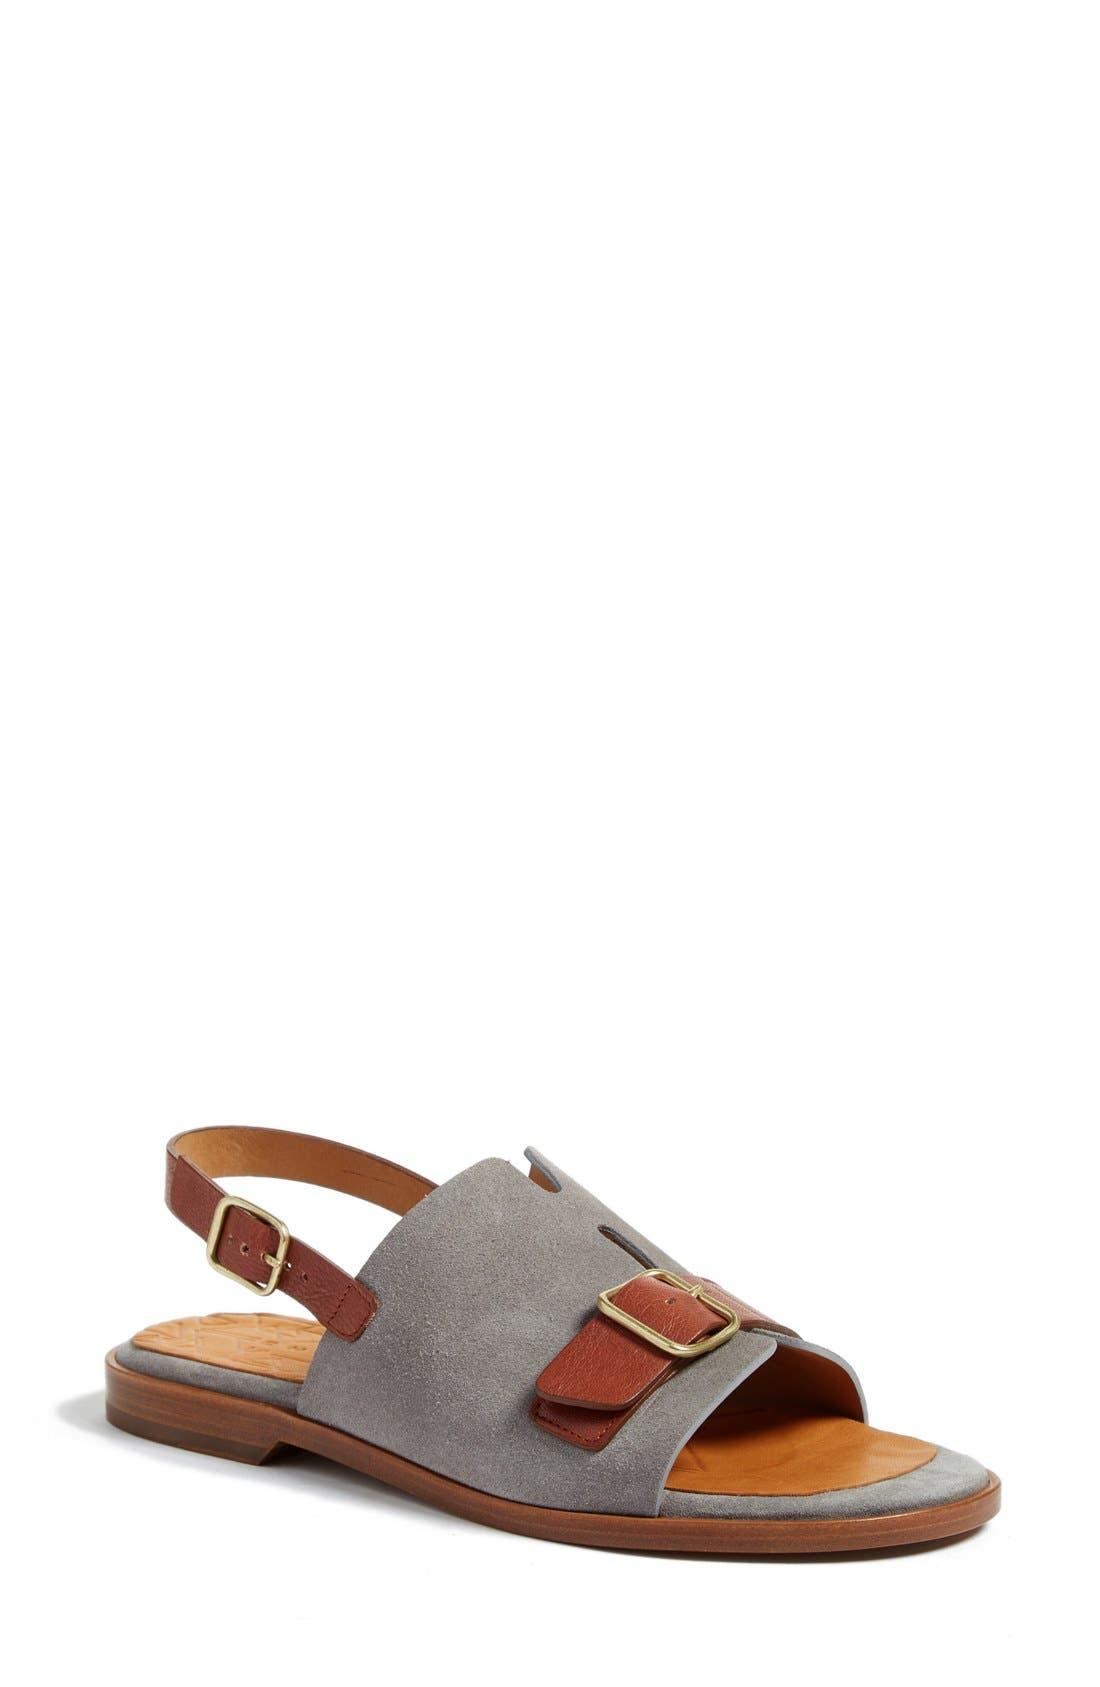 Querete Slingback Sandal,                         Main,                         color, Stone/ Brown